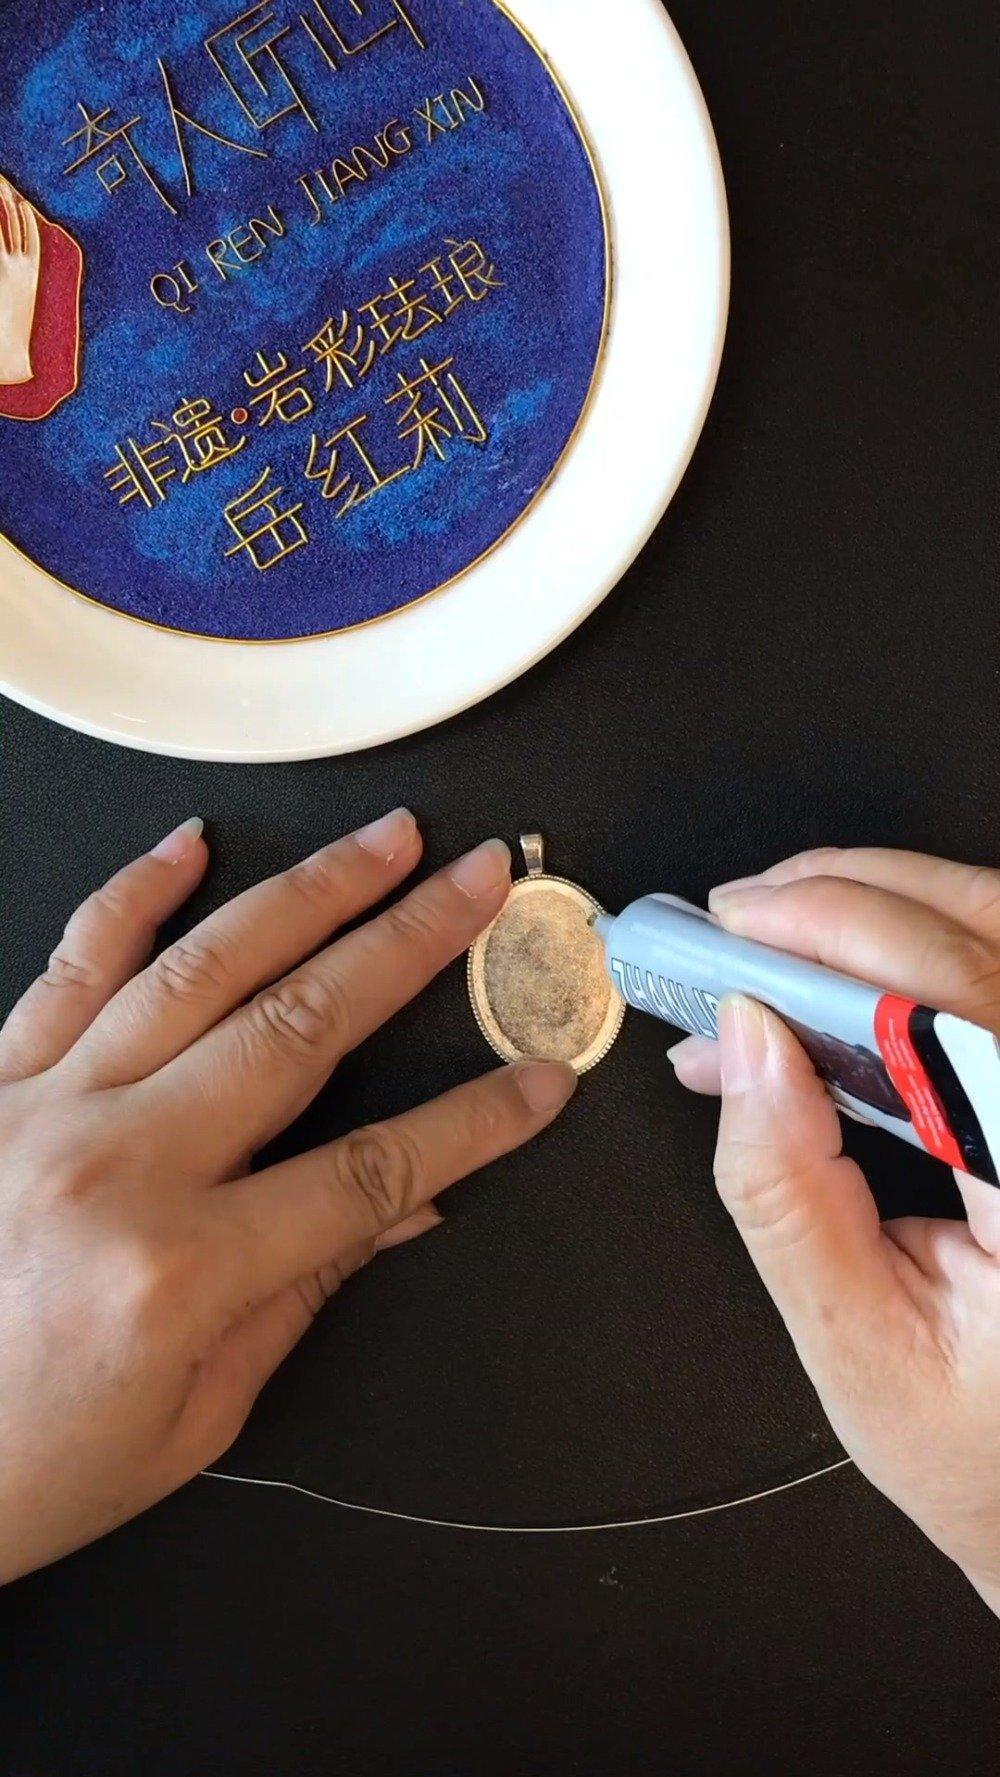 珐琅彩吸取了铜胎画珐琅的技法,在瓷质的胎上